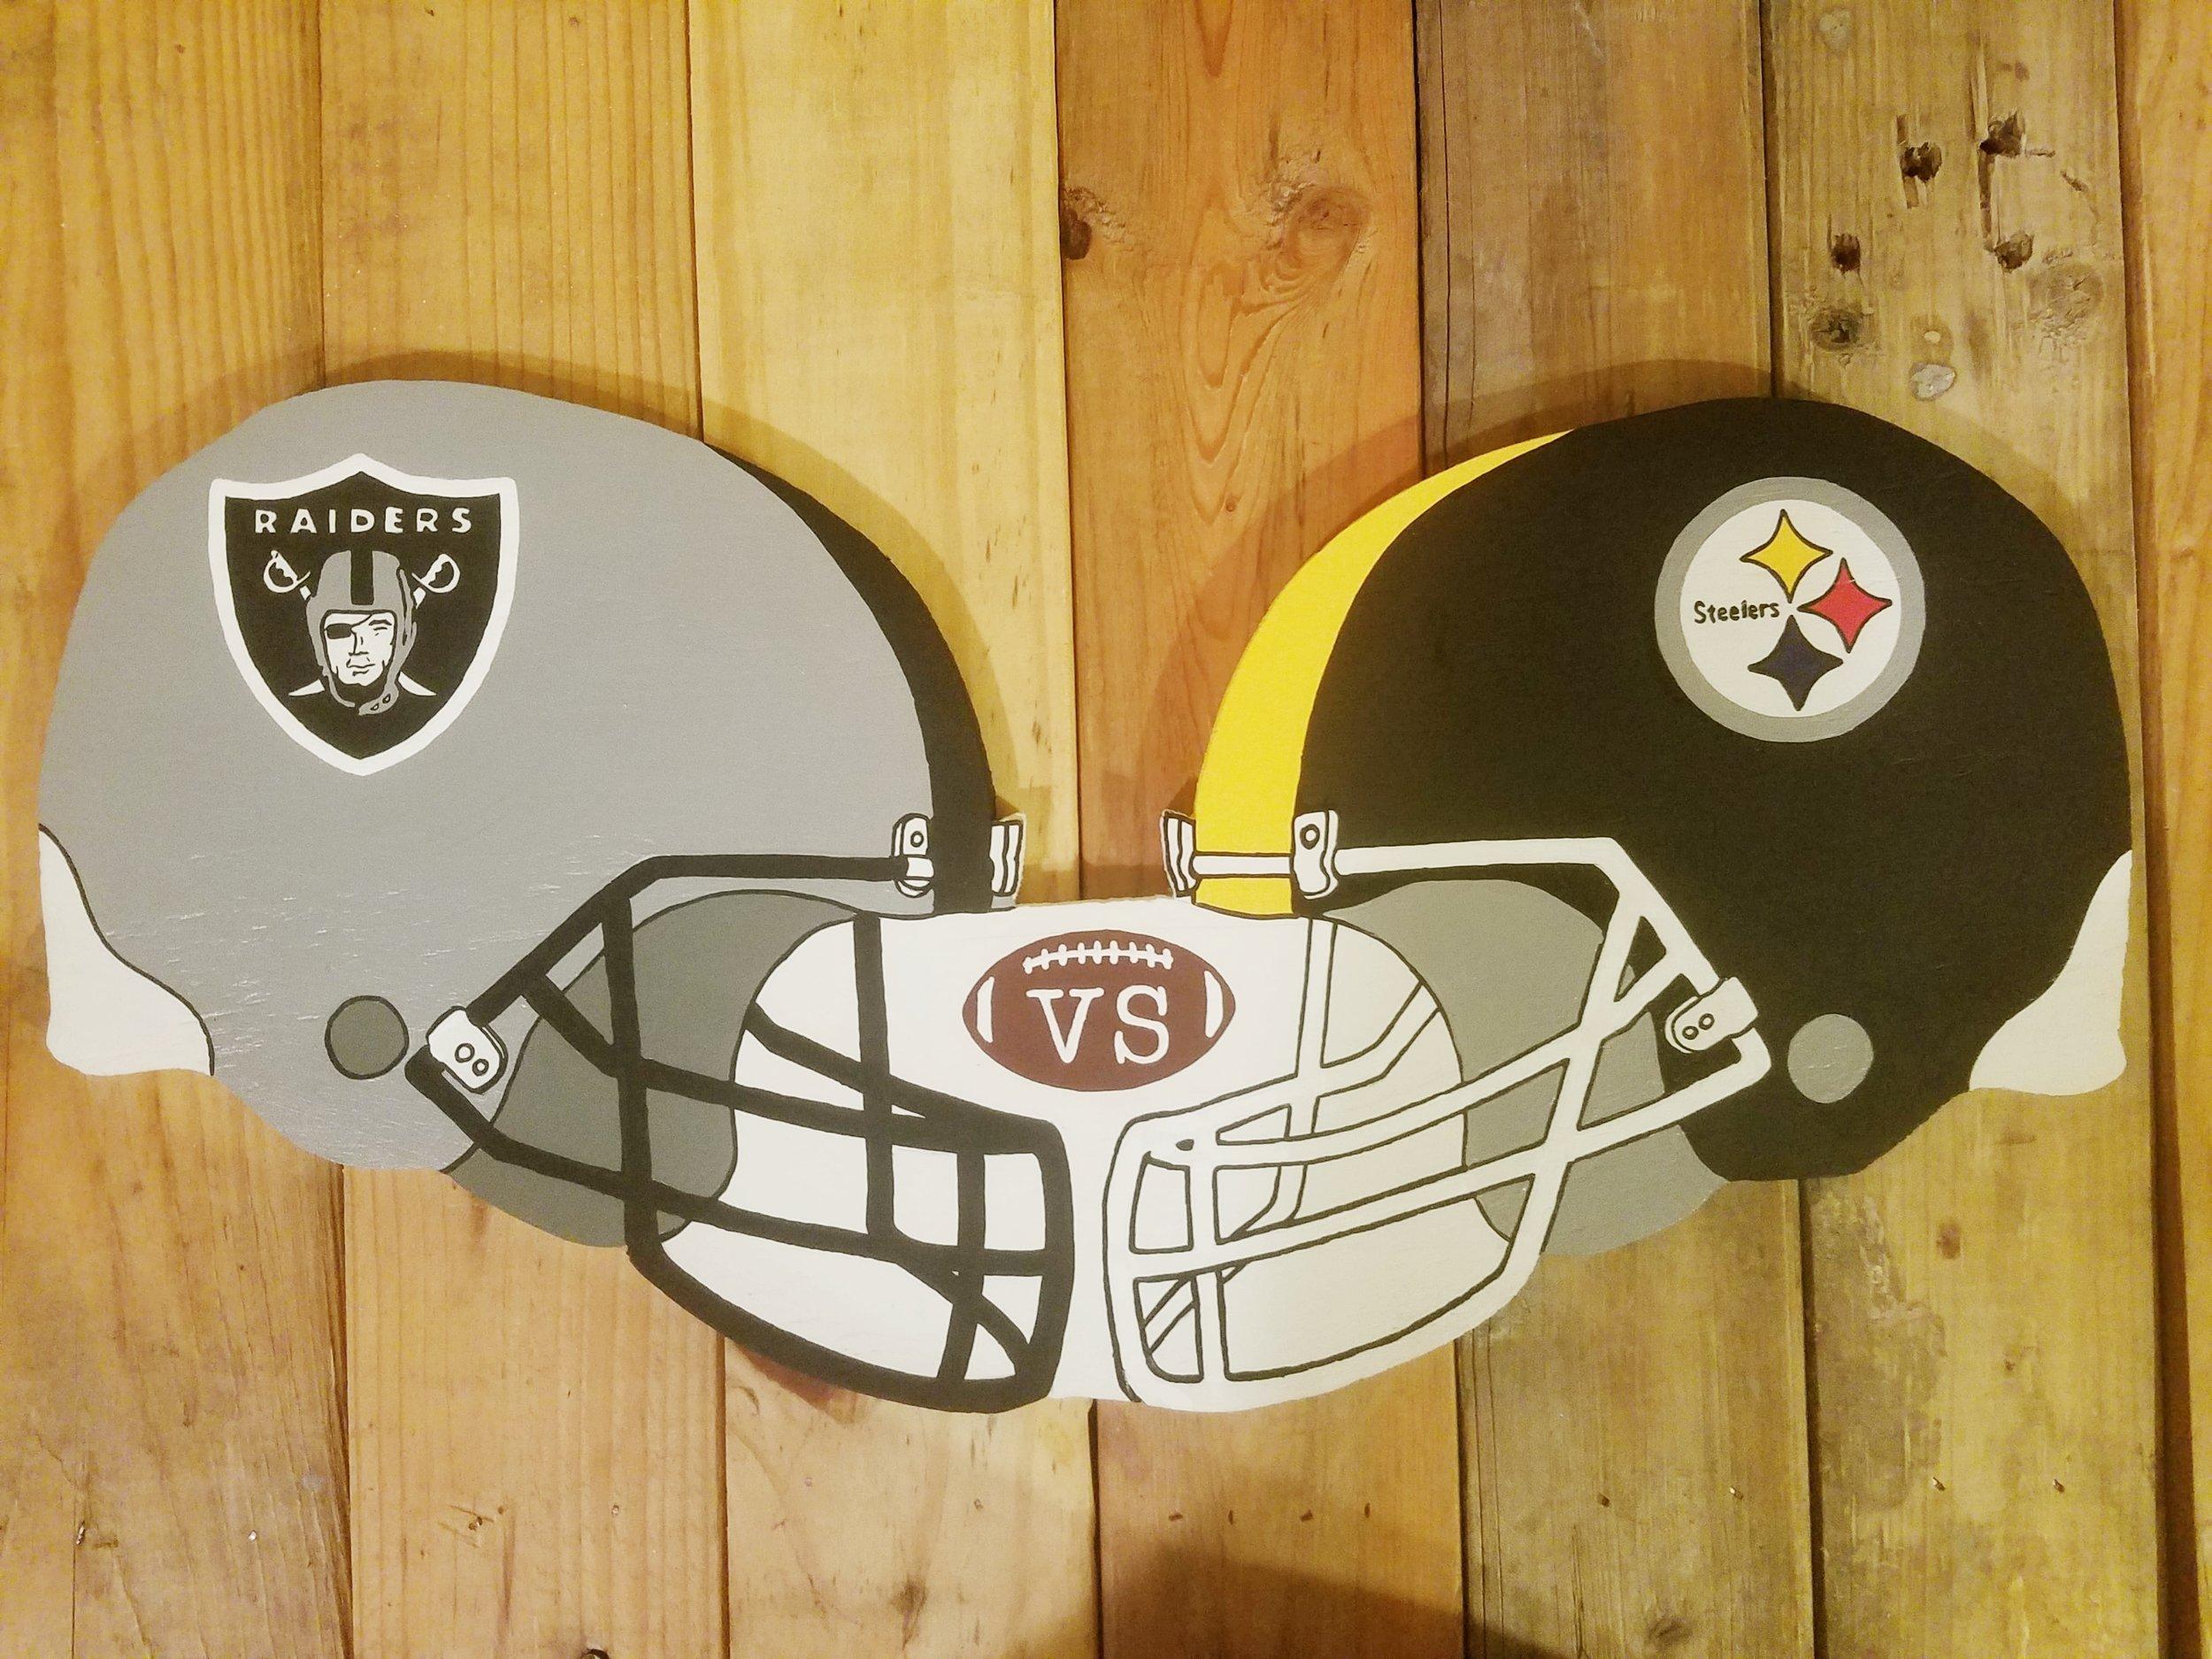 Raiders Vs. Steelers.jpg